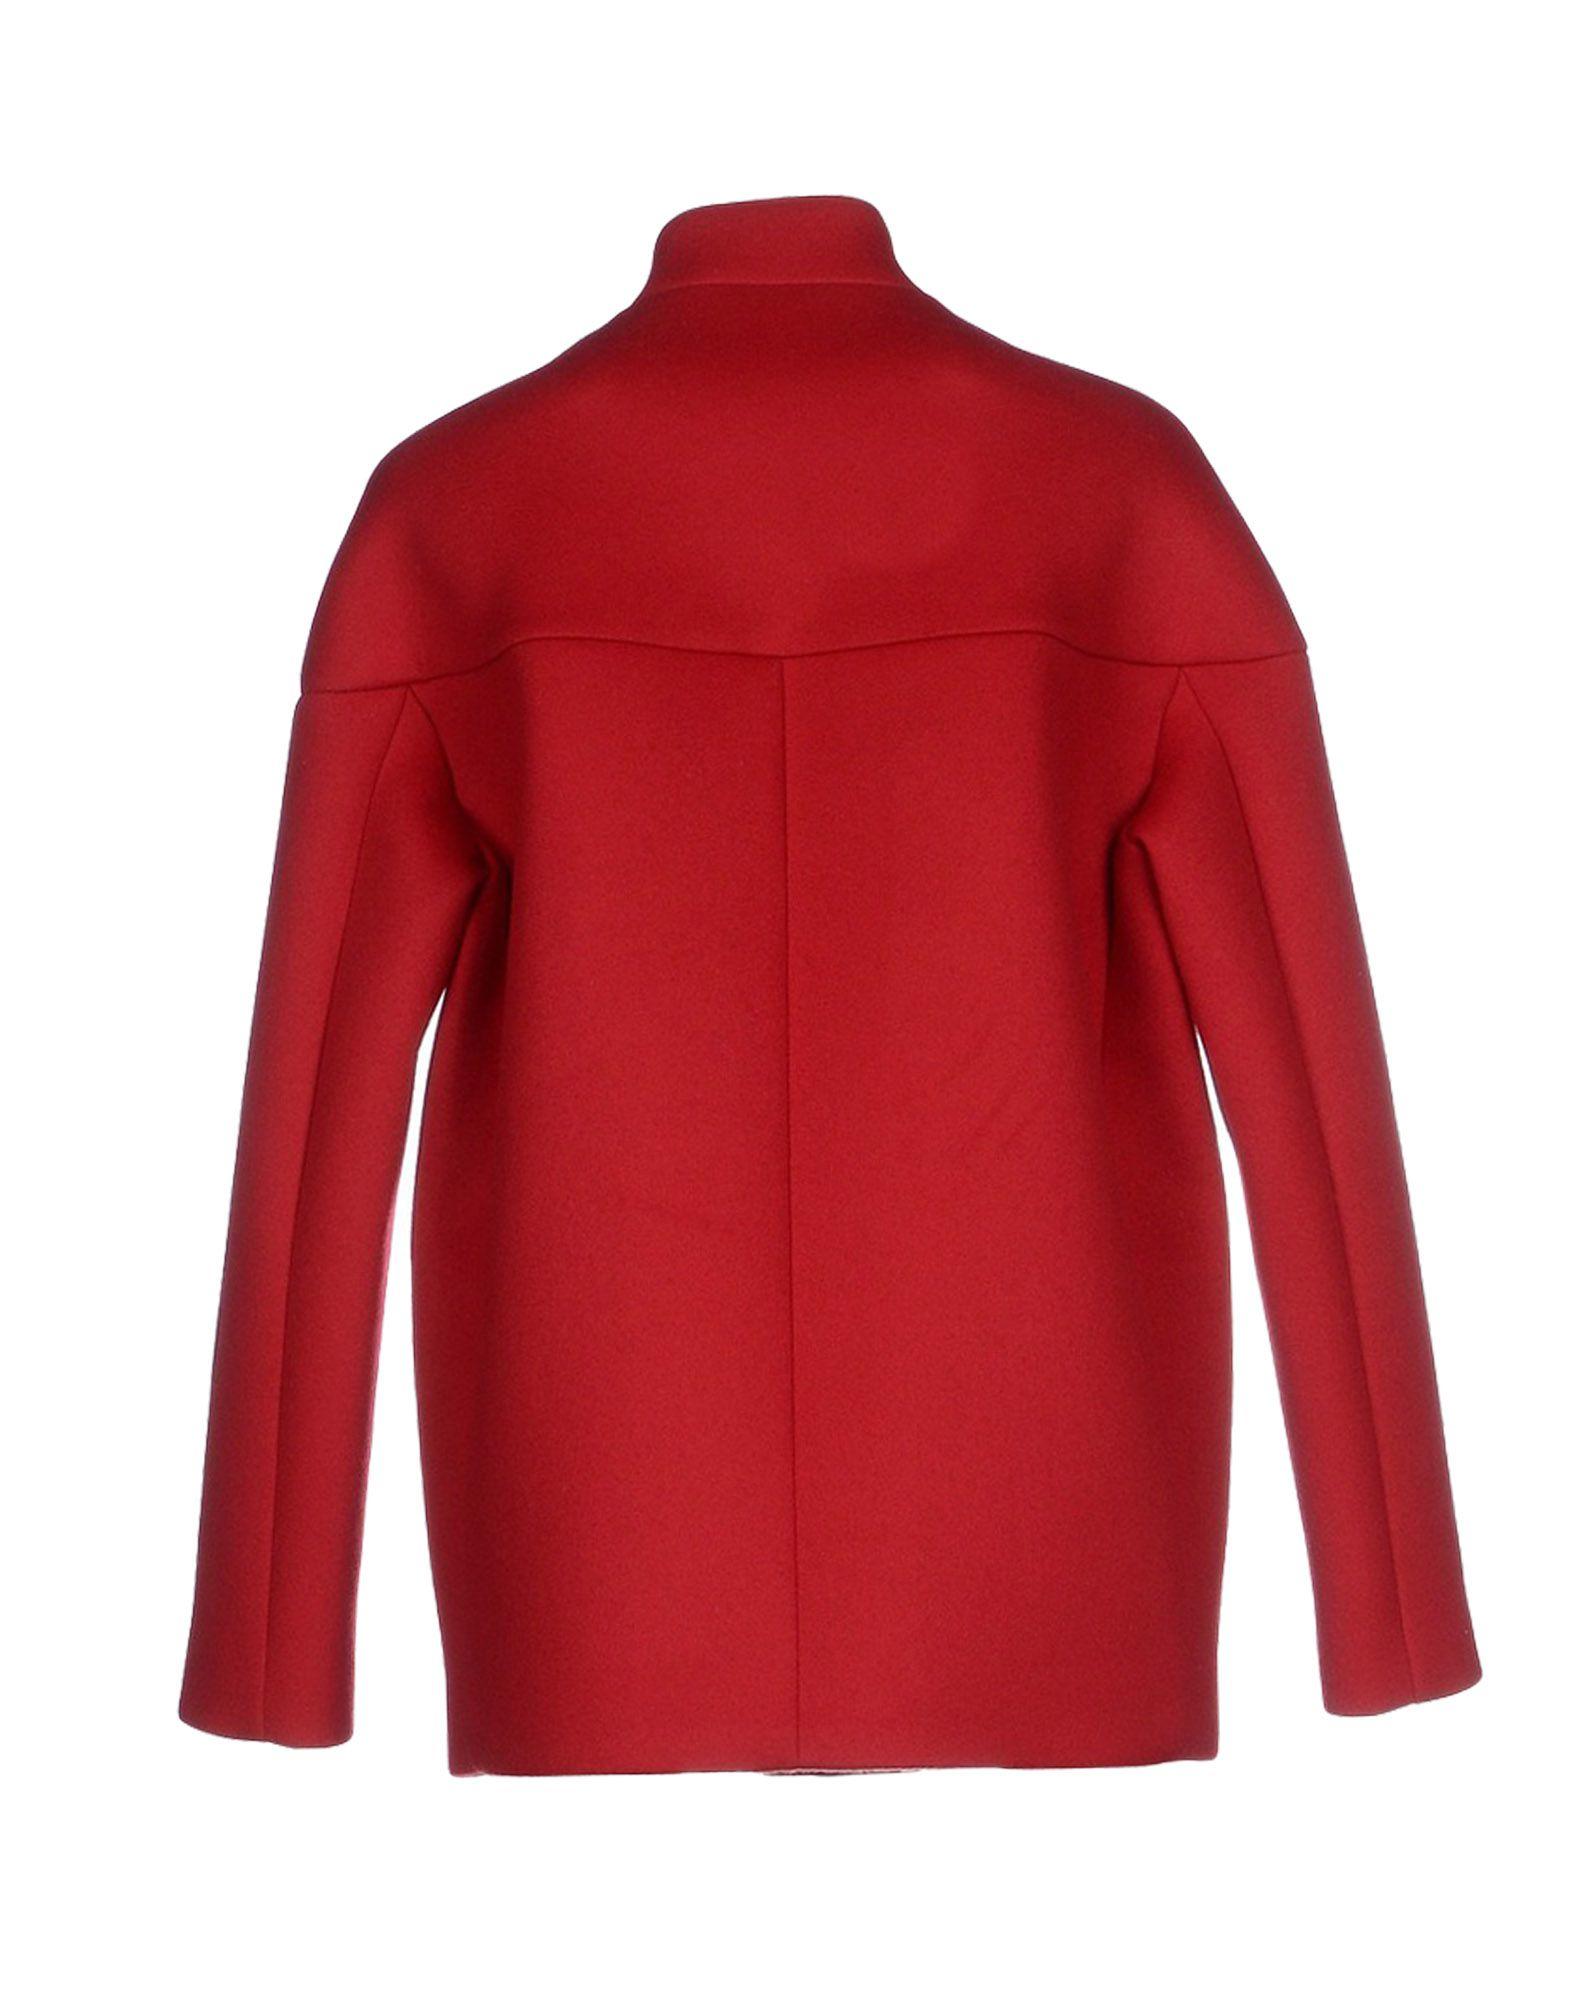 Lyst Adele Fado Coat In Red